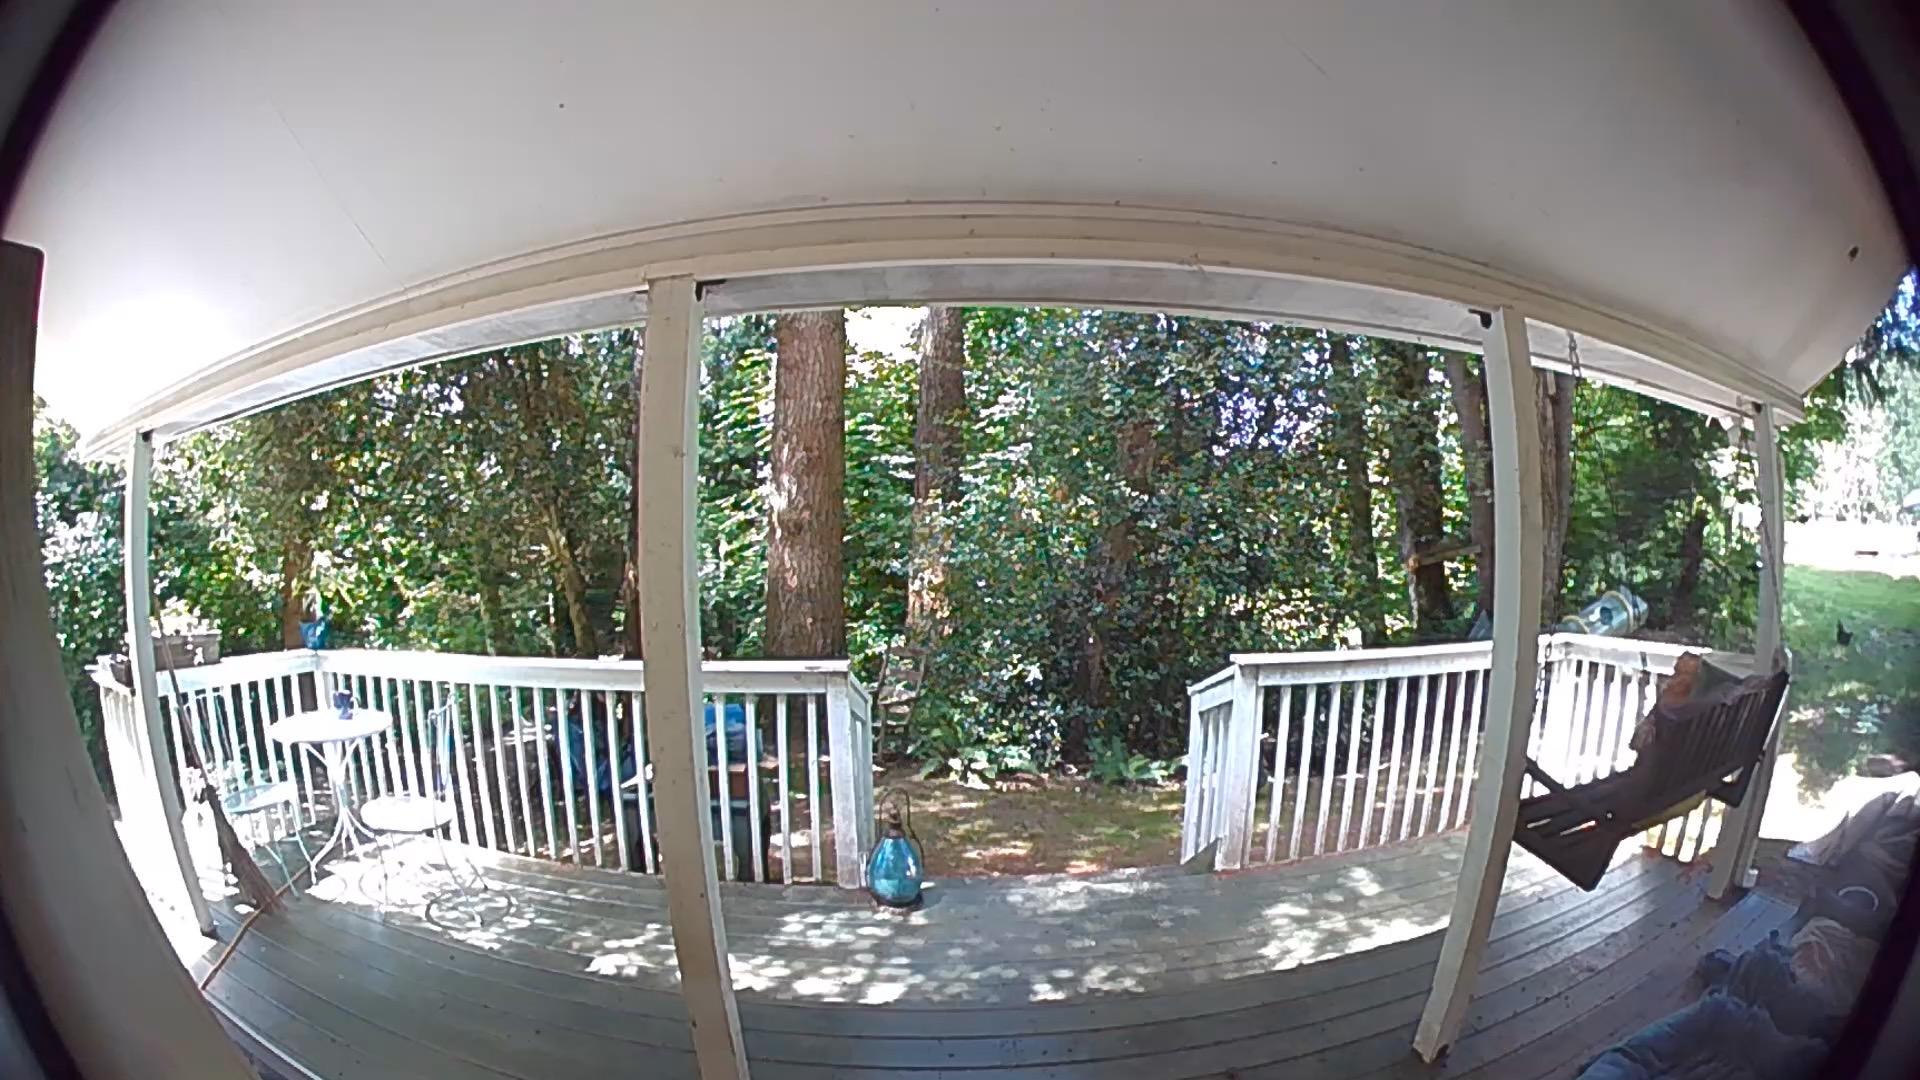 Ring Video Doorbell 3 snapshot